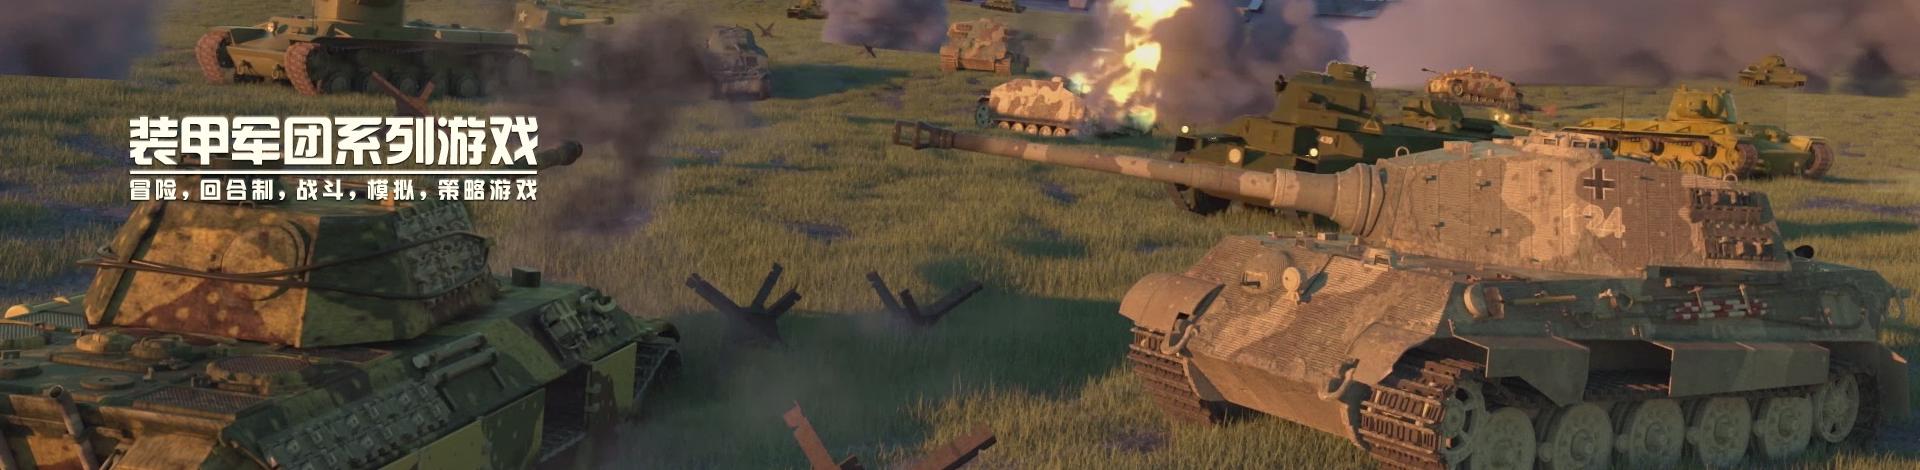 装甲军团系列